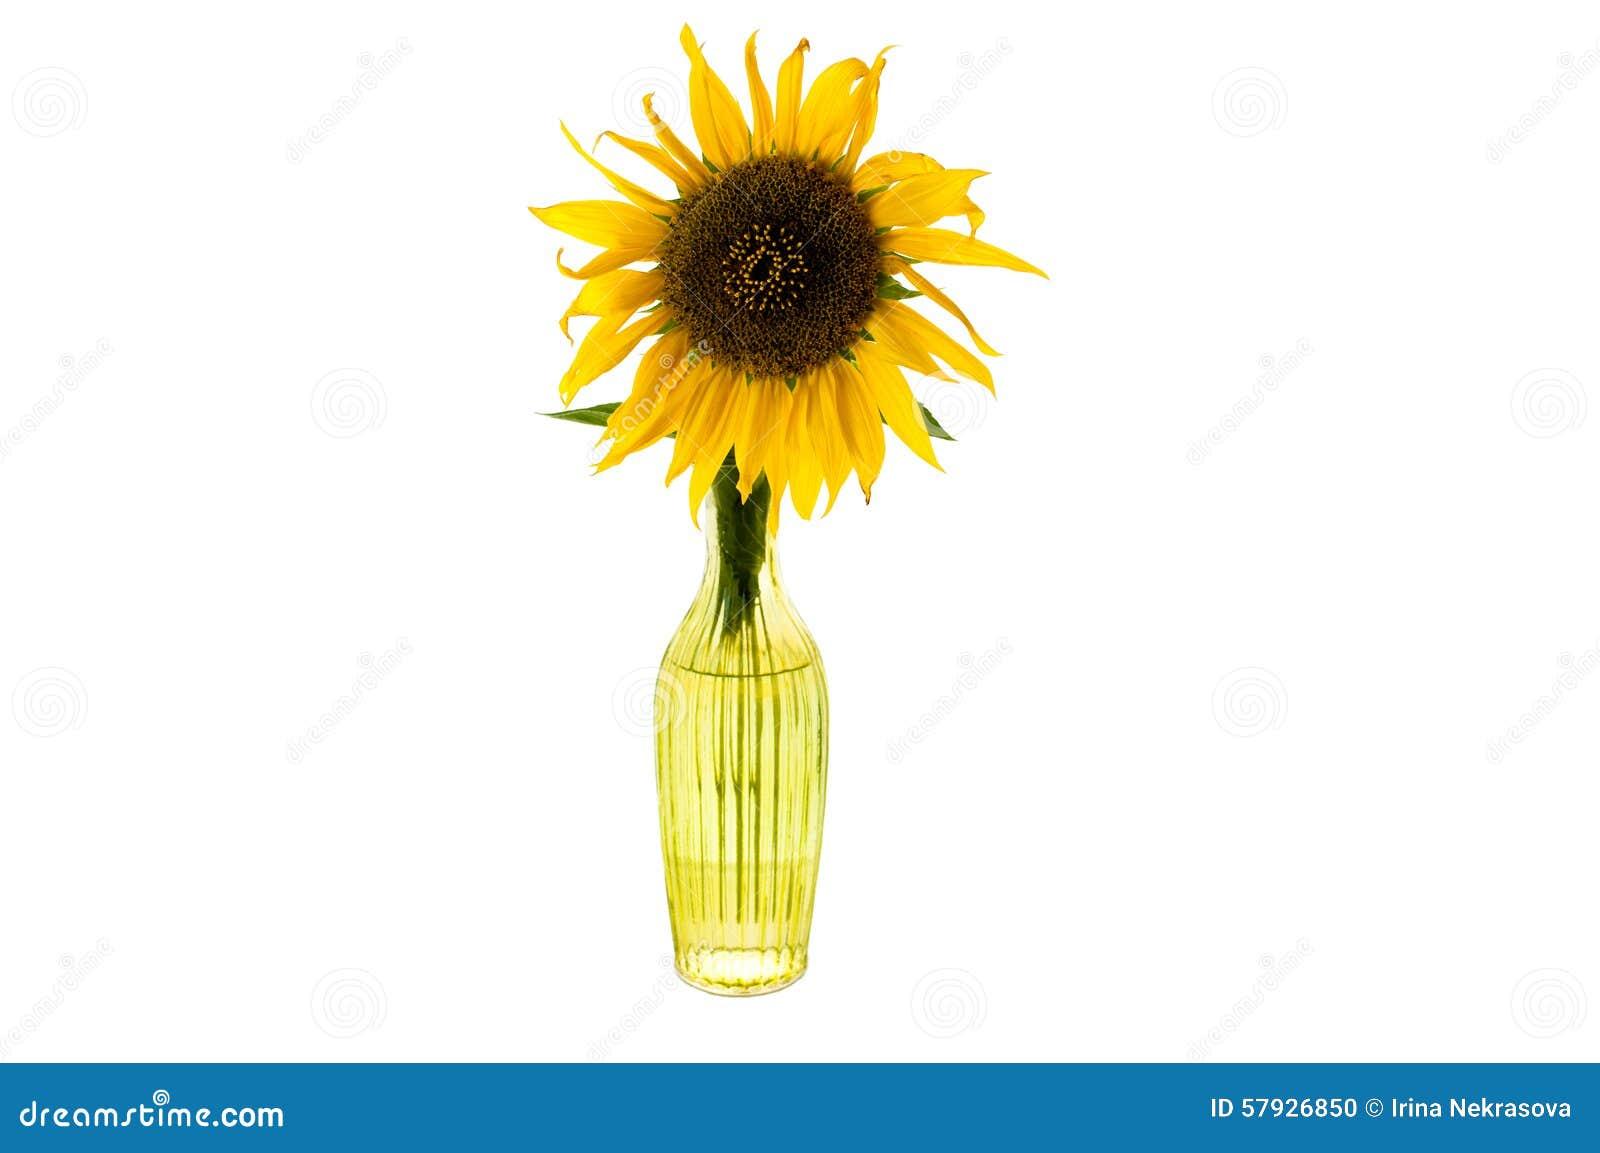 Jaskrawy żółty kwiat słonecznik w szklanej wazie odizolowywał przód